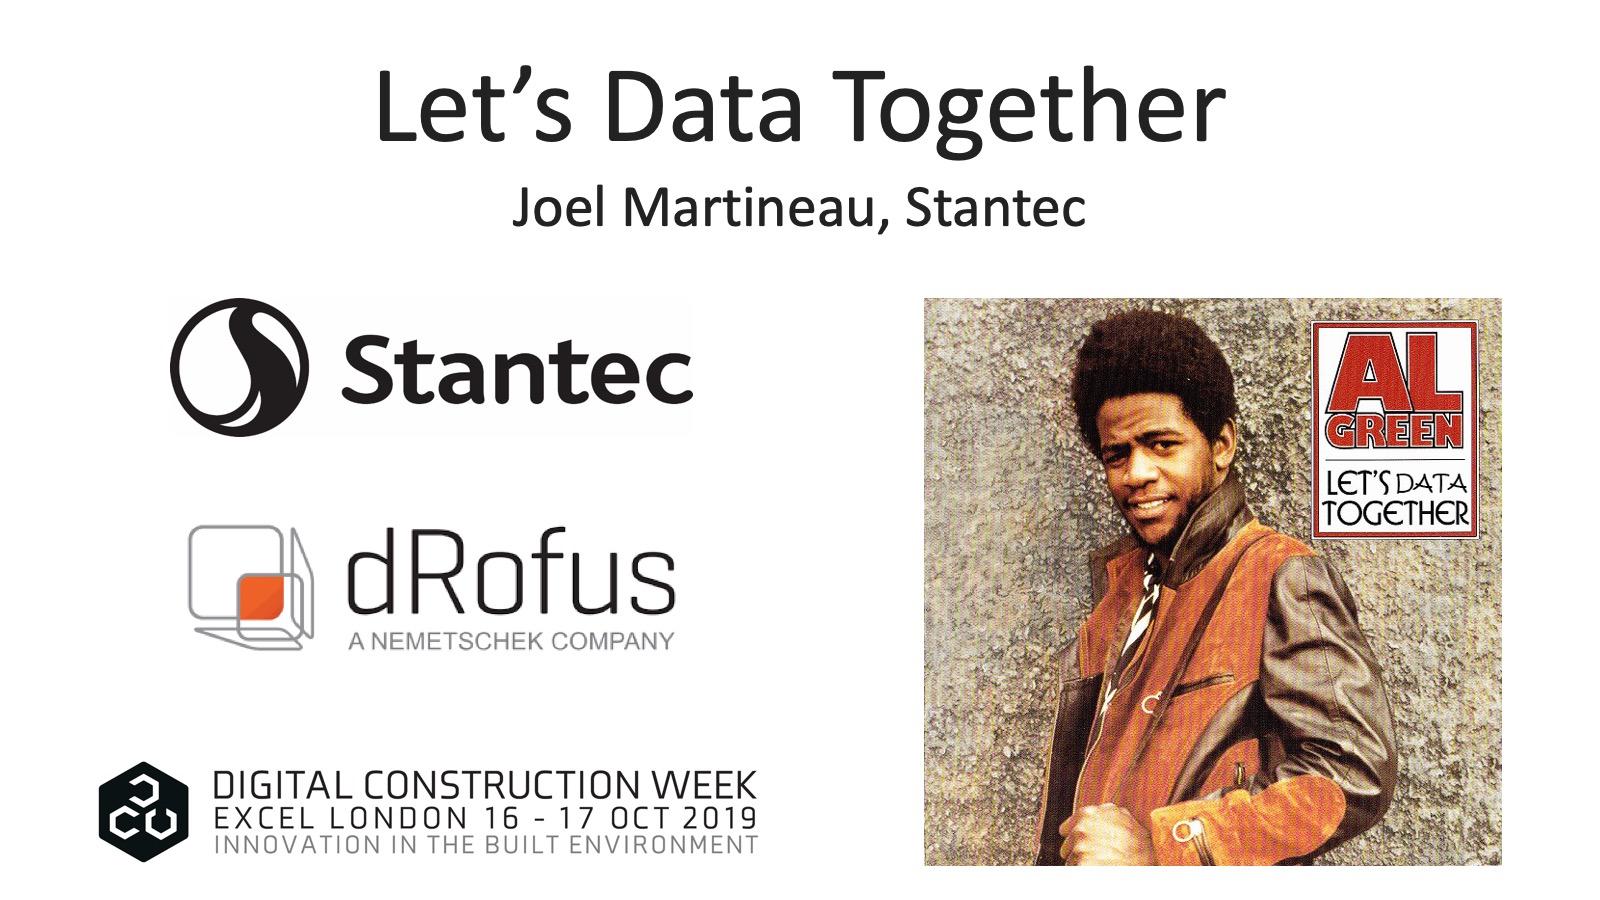 Lets Data Together - Joel Martineau